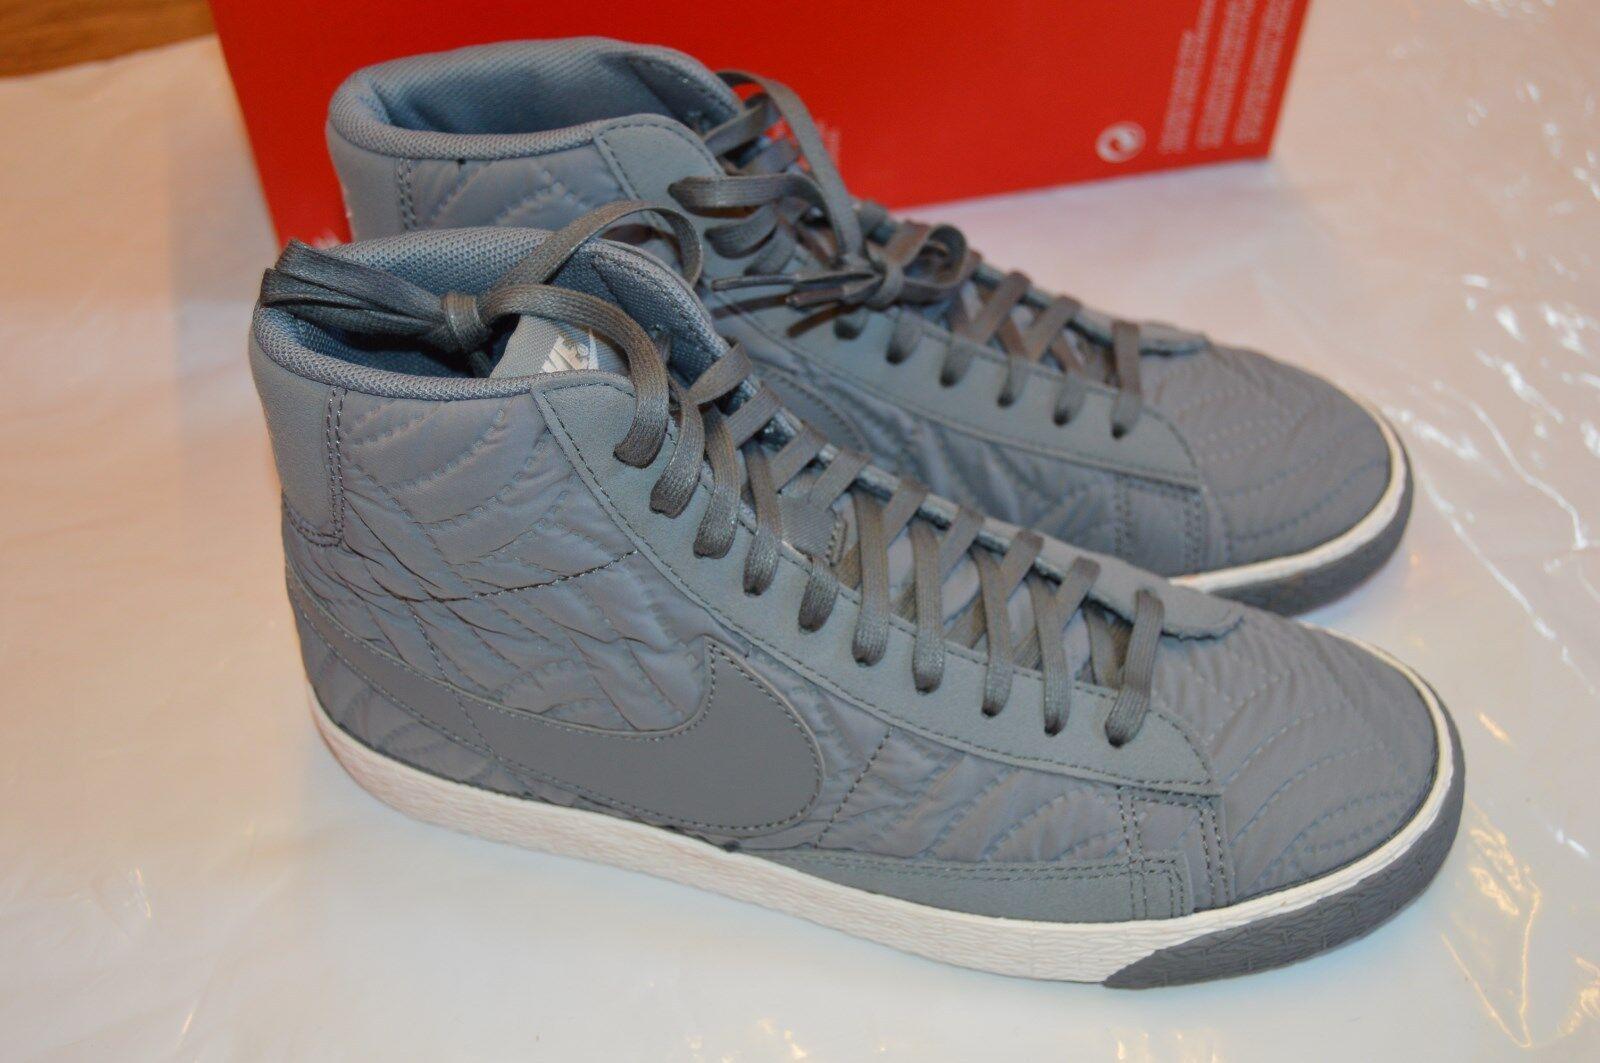 Nuevo Y En Caja Para Mujer Nike Nike Nike Blazer Mid PRM se gris blancoo traines Talla UK 4.5 EUR 38  barato y de alta calidad